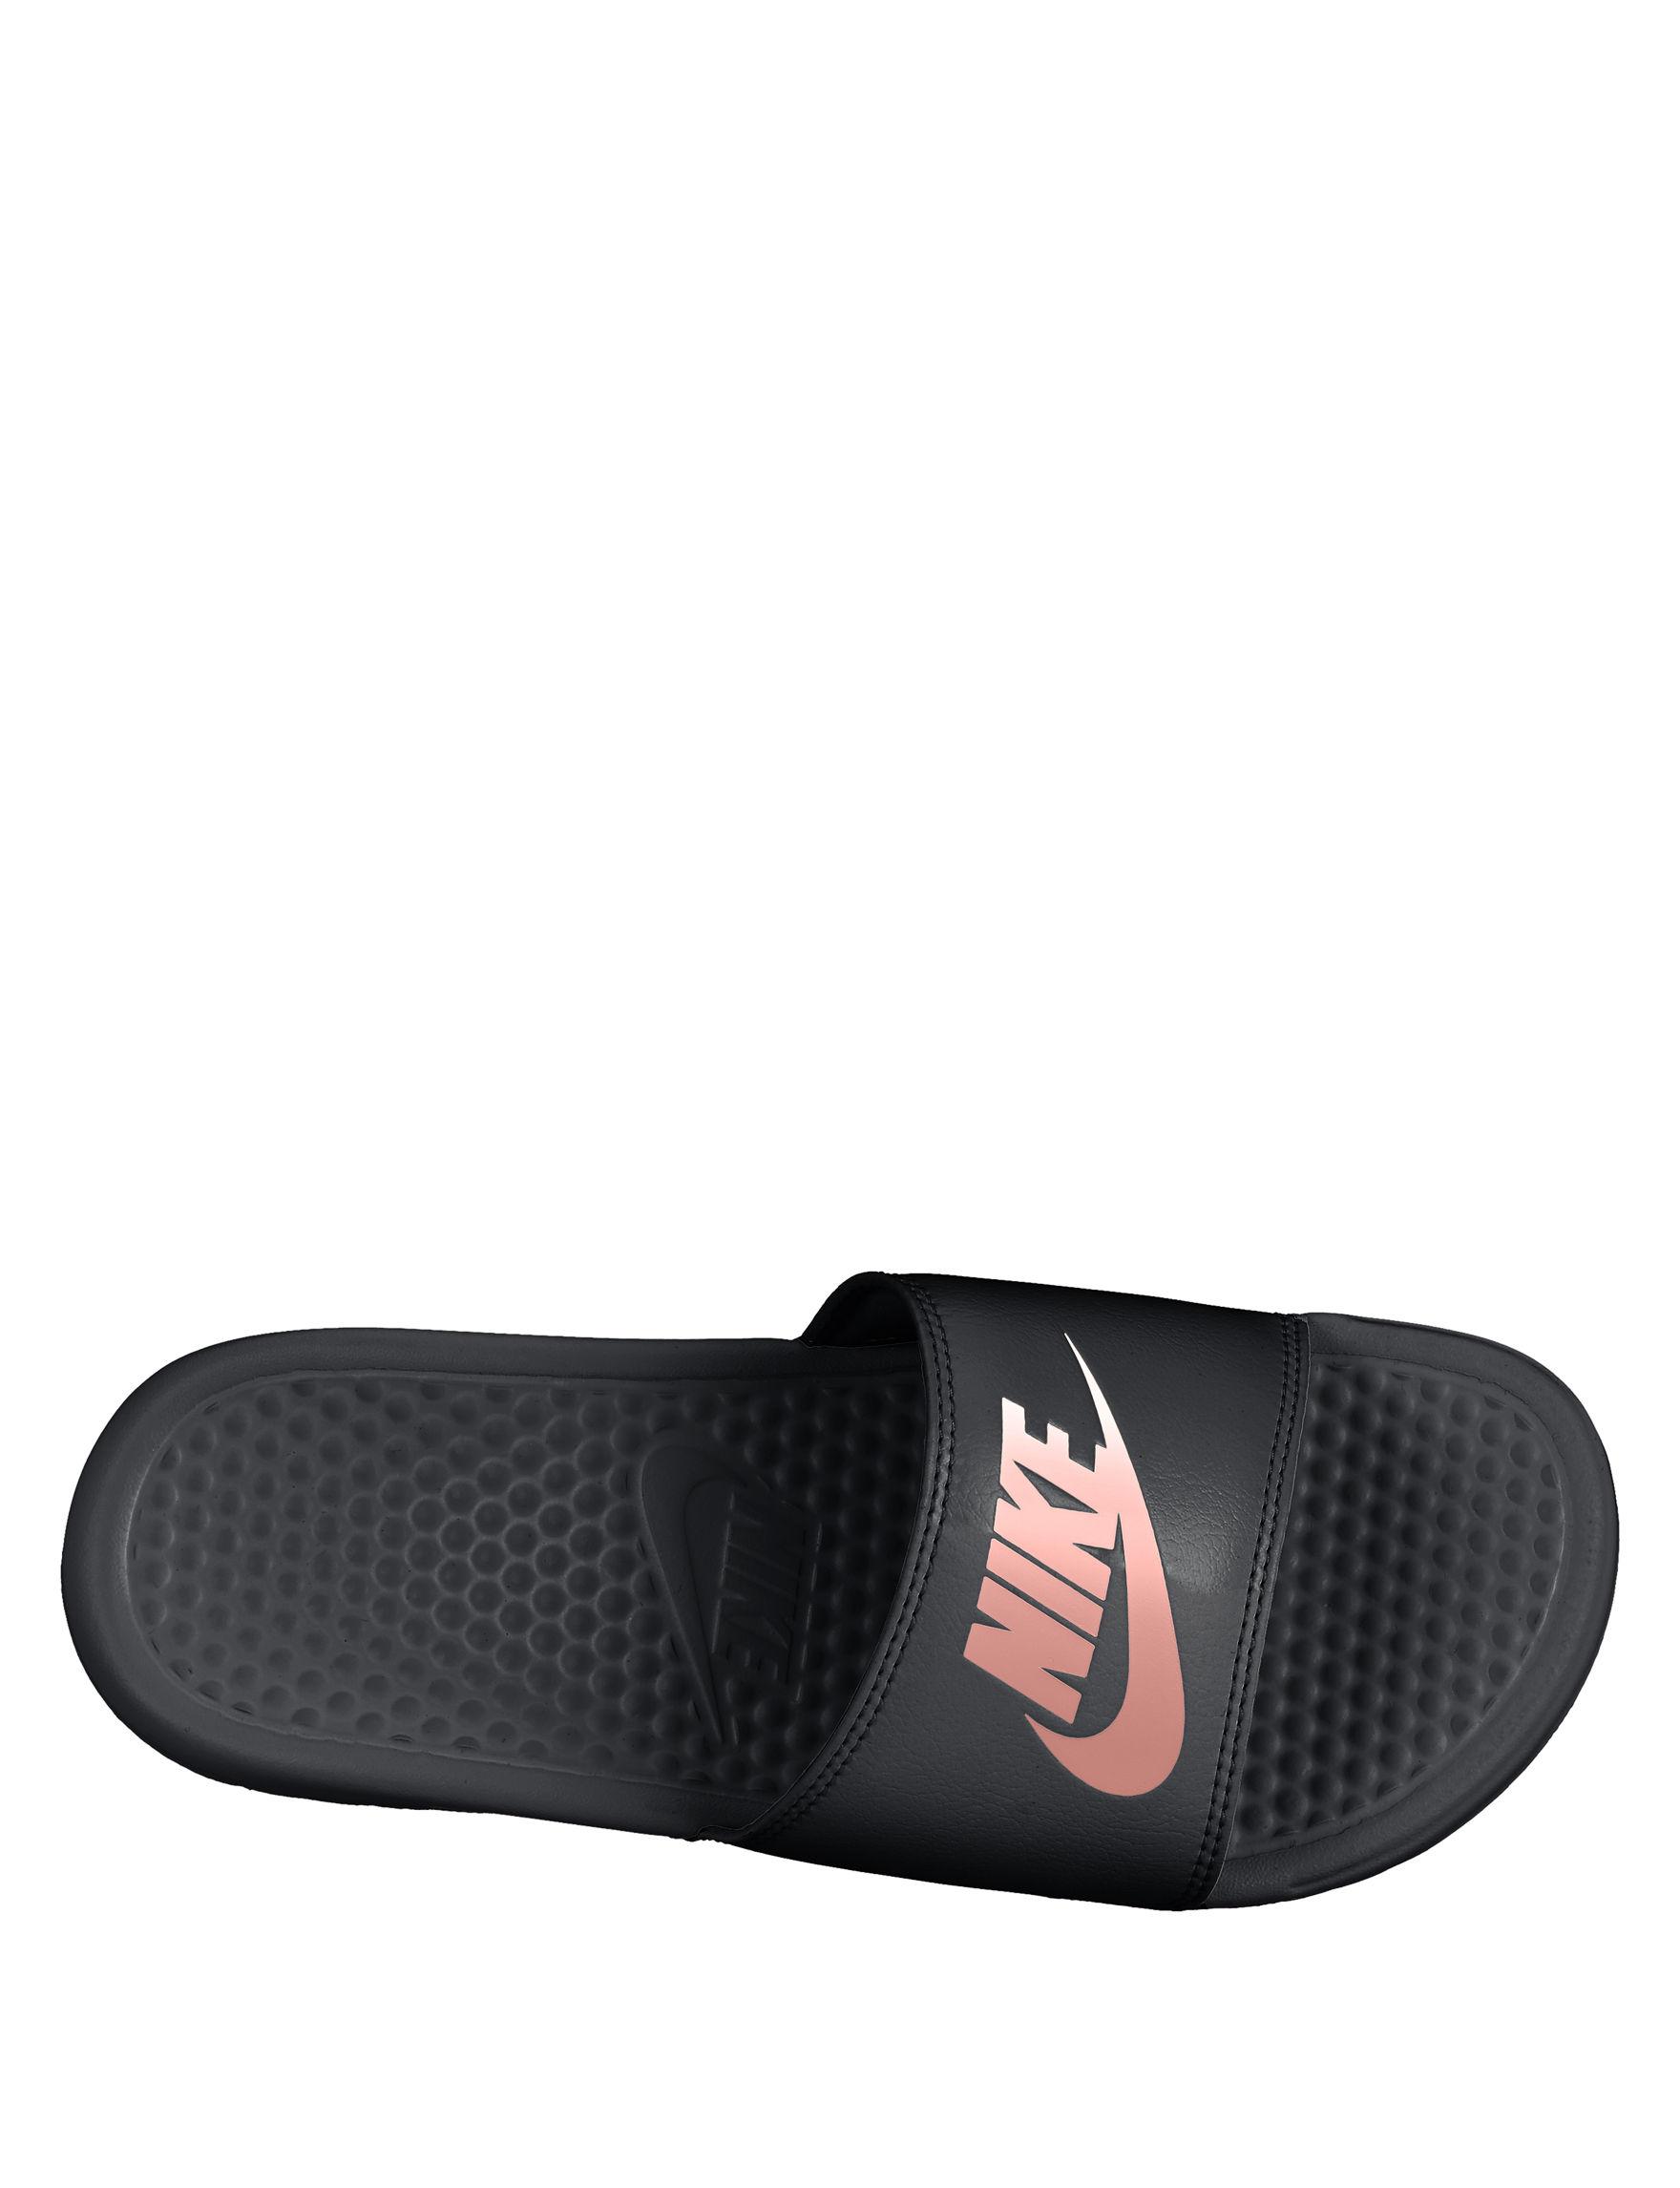 1cb11e100f33 Nike Women s Benassi Just Do It Slide Sandals